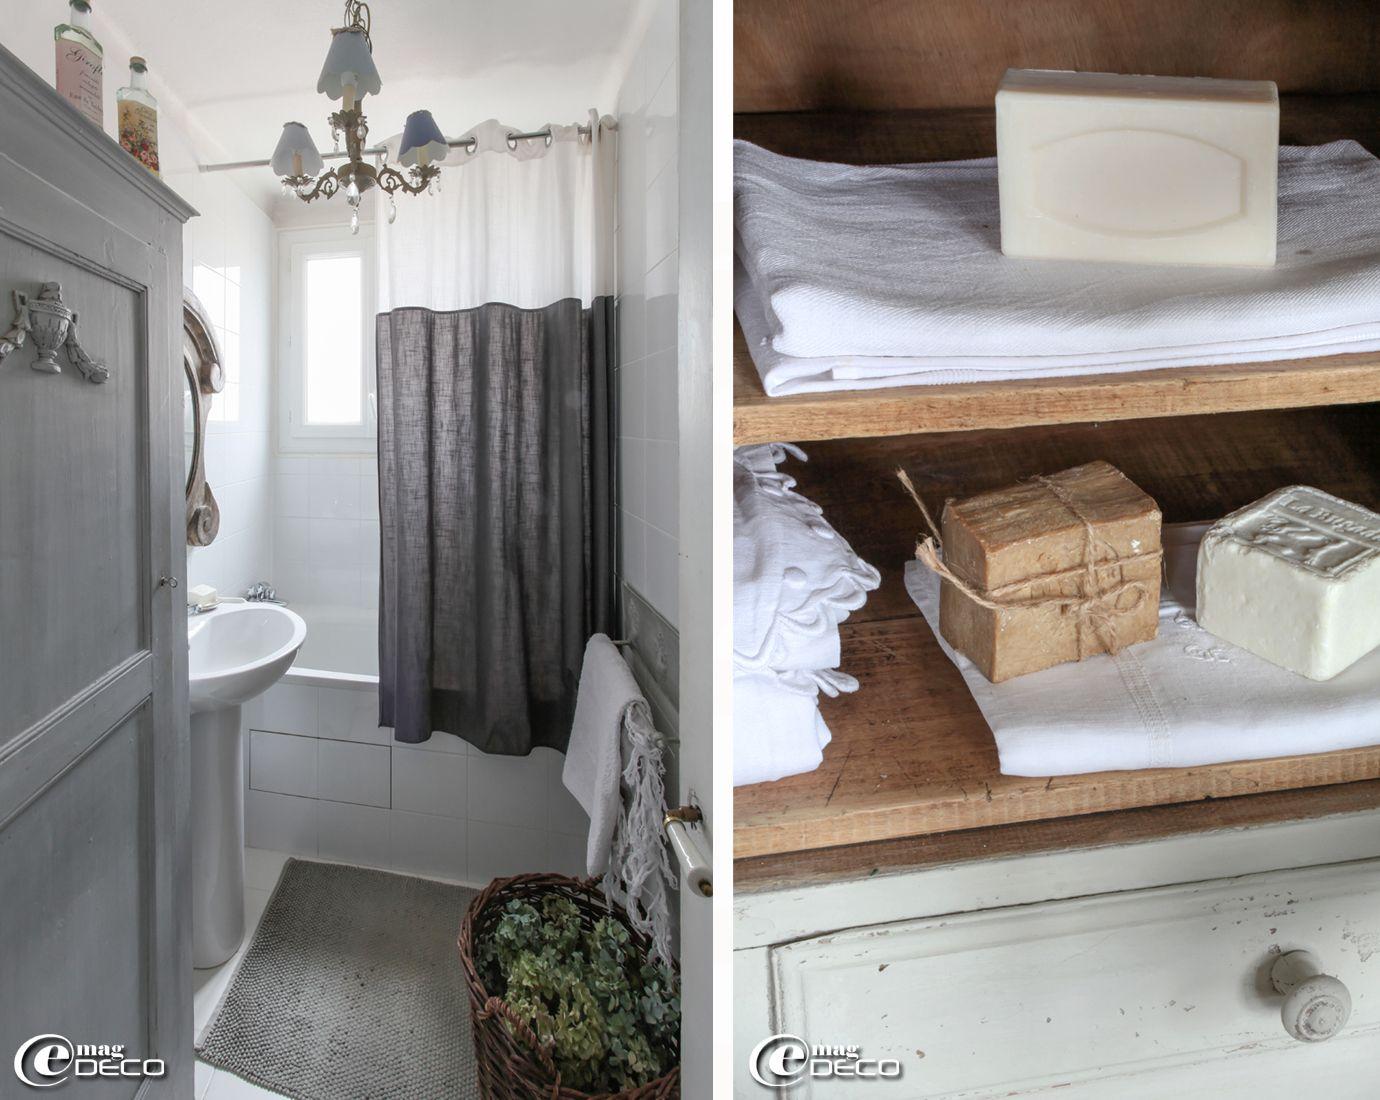 salle de bains d cor e dans des tonalit s de gris est. Black Bedroom Furniture Sets. Home Design Ideas